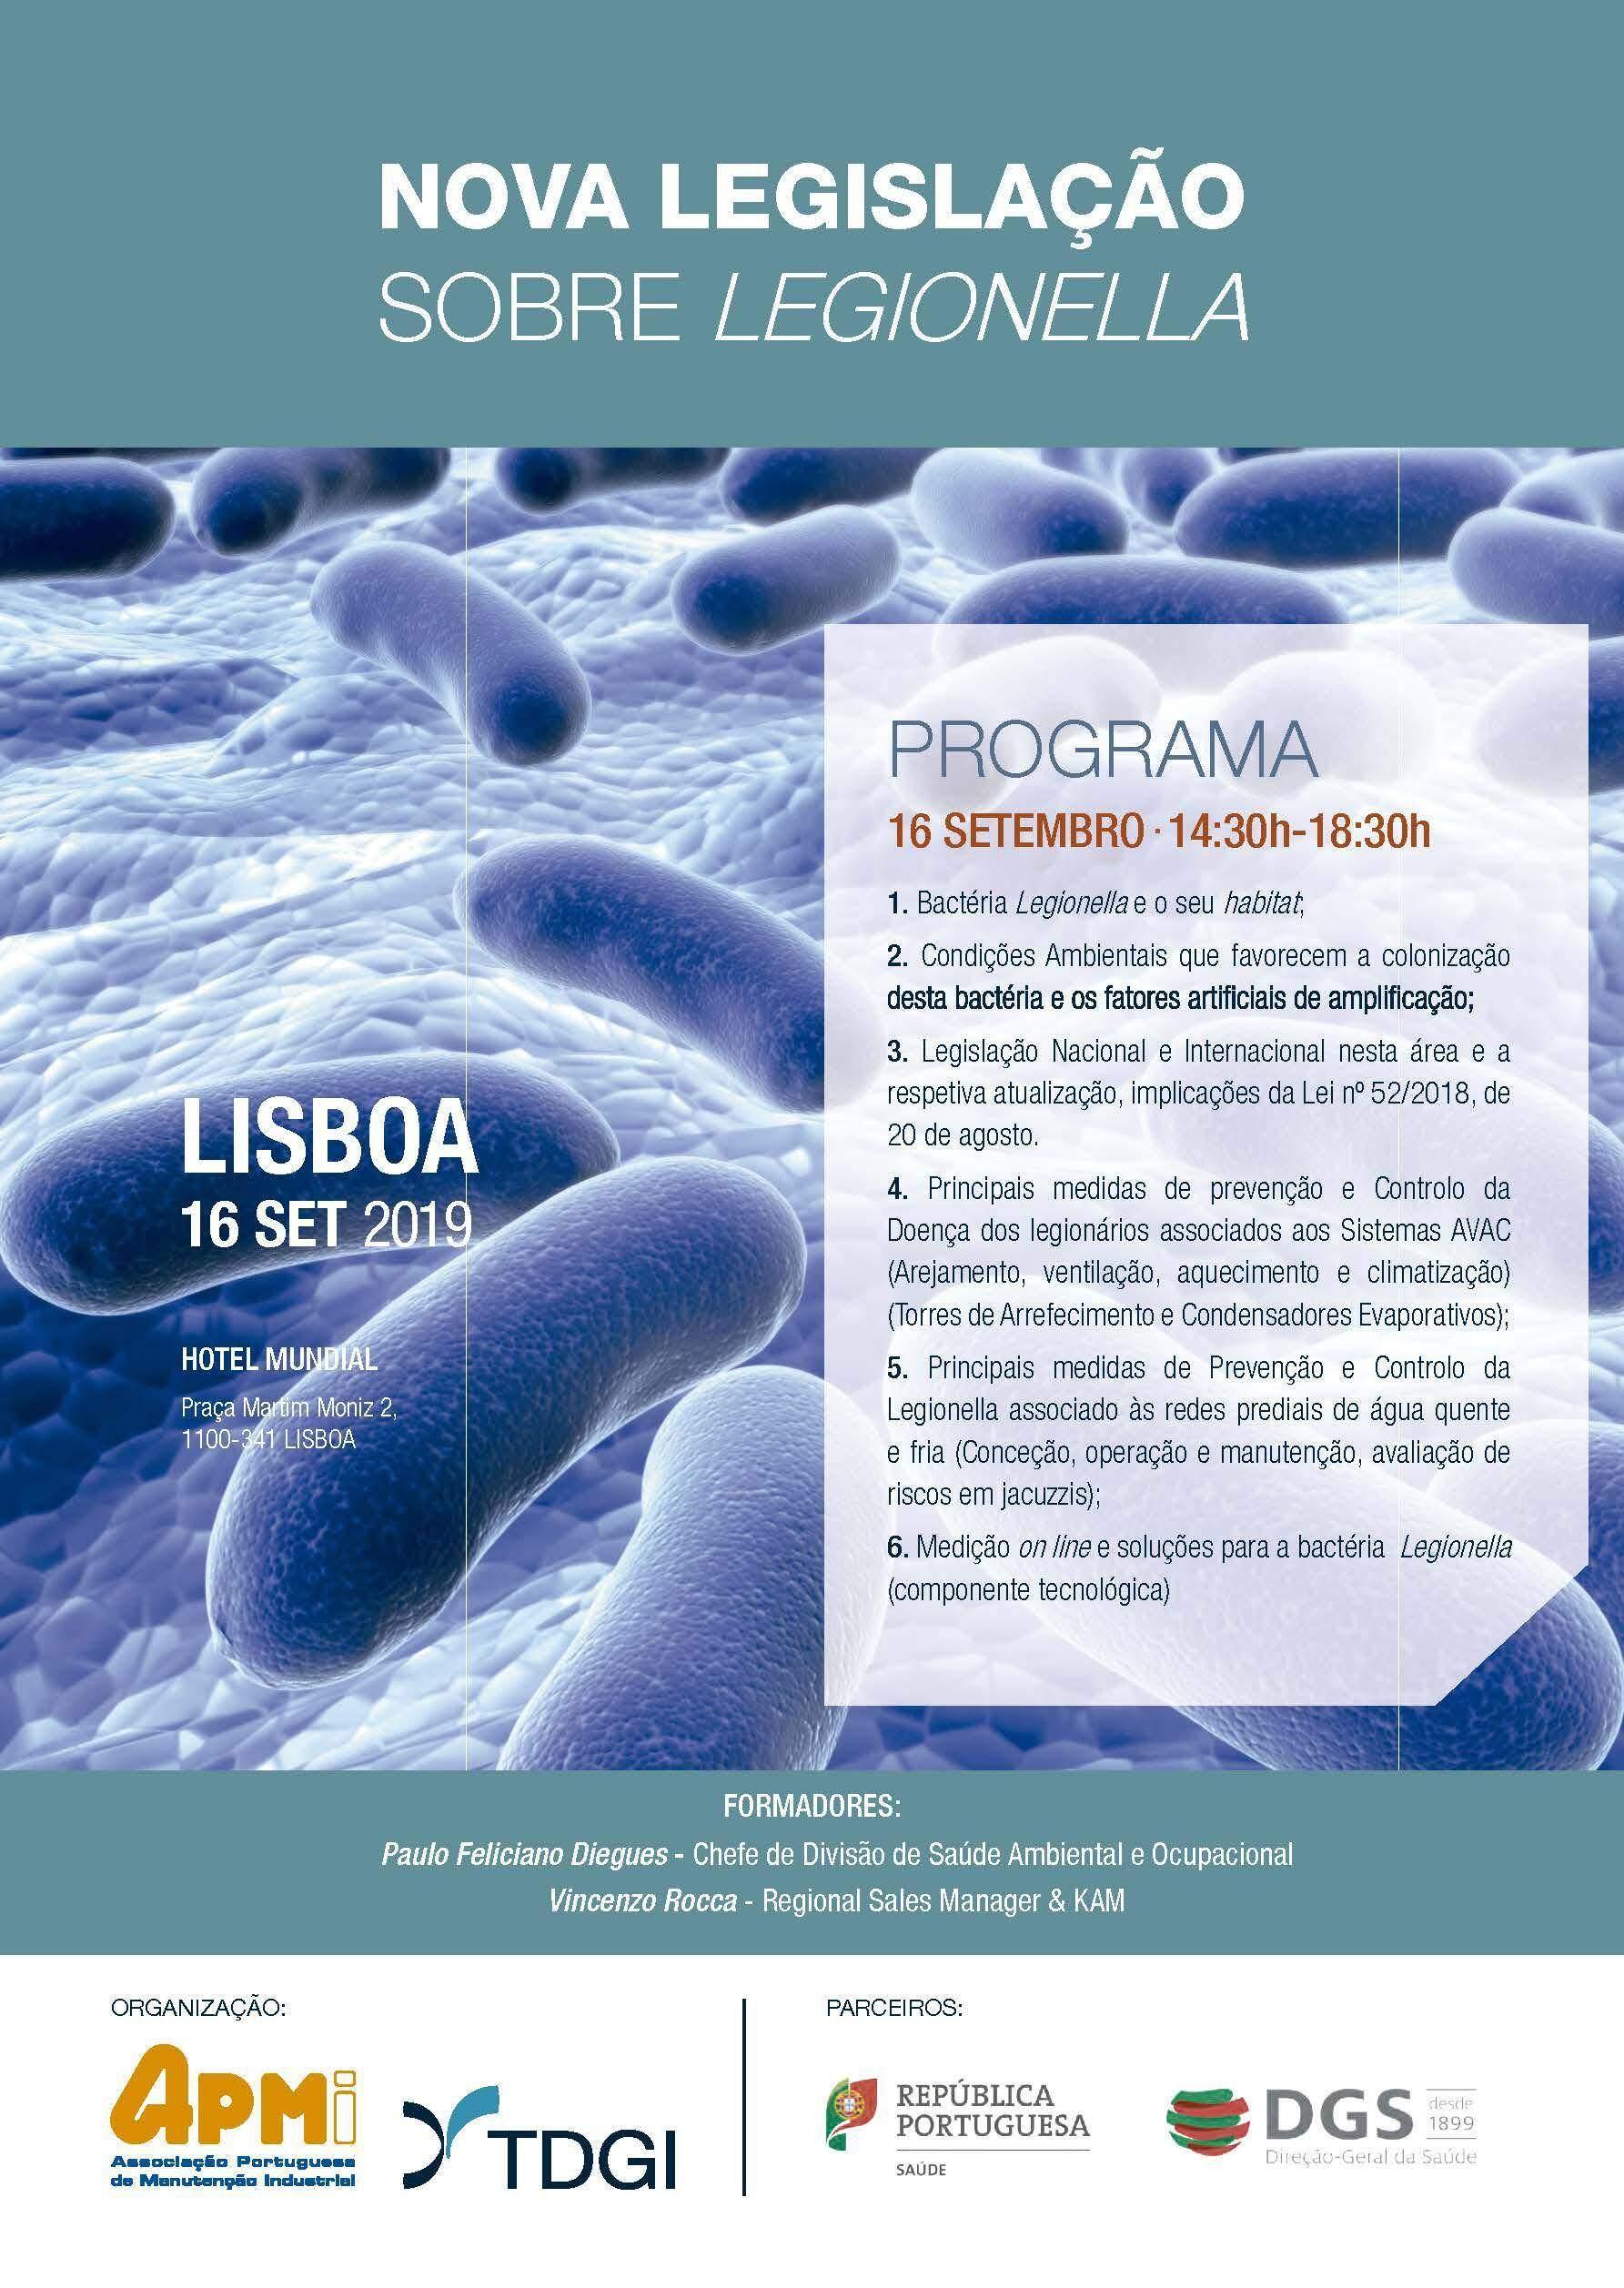 NOVA LEGISLAÇÃO SOBRE LEGIONELLA. TDGI Portugal